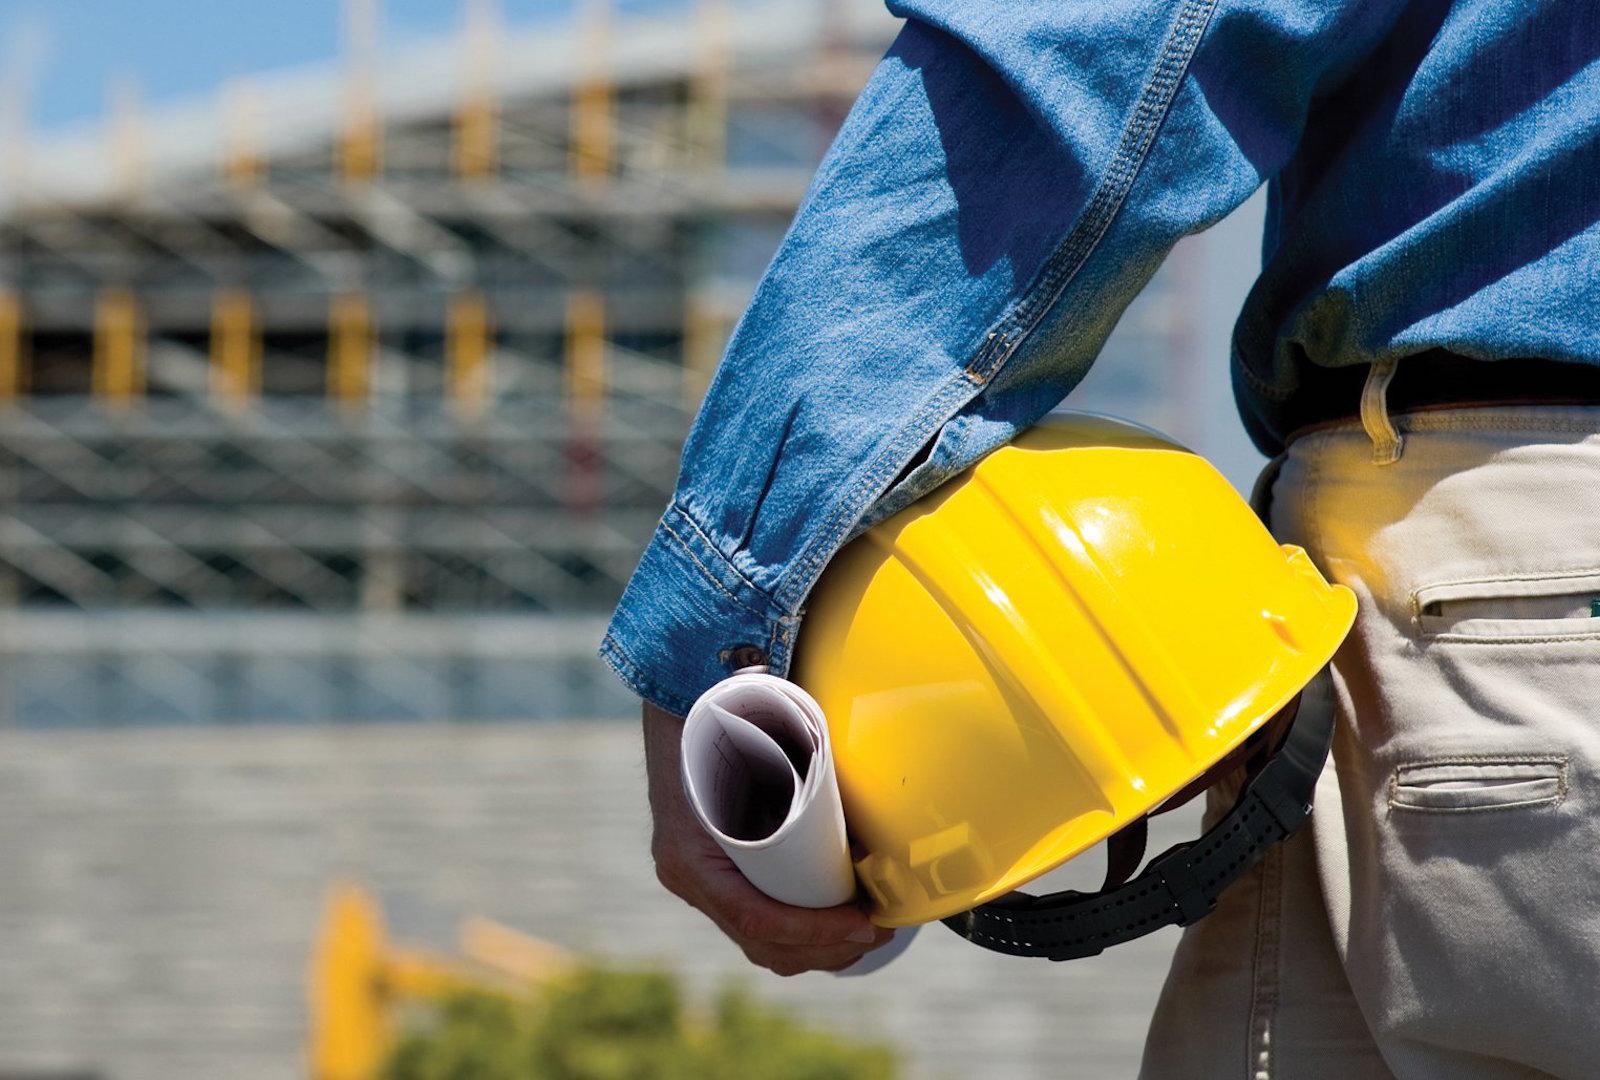 Công nghệ kiến trúc và quản lý xây dựng (ATCM) – Ngành 'hot' được săn đón